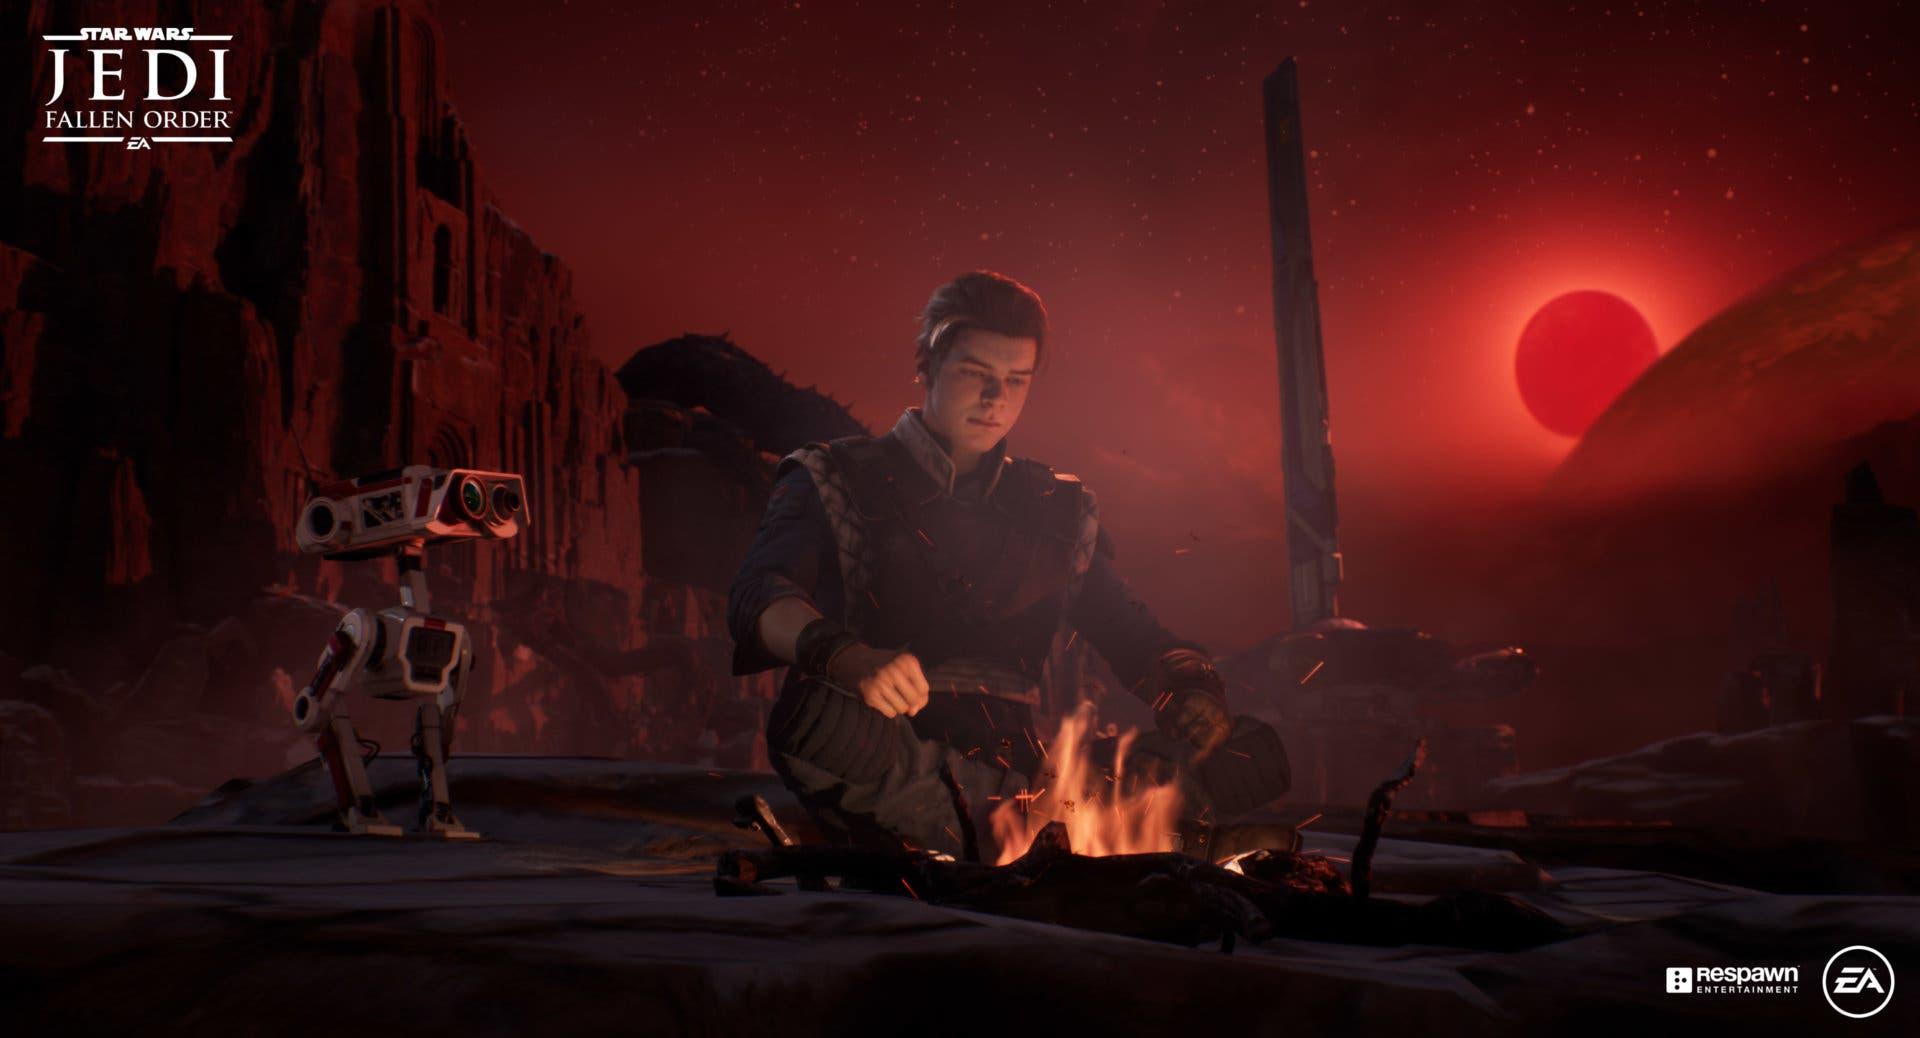 Imagen de Star Wars Jedi: Fallen Order ofrecerá múltiples modos de dificultad